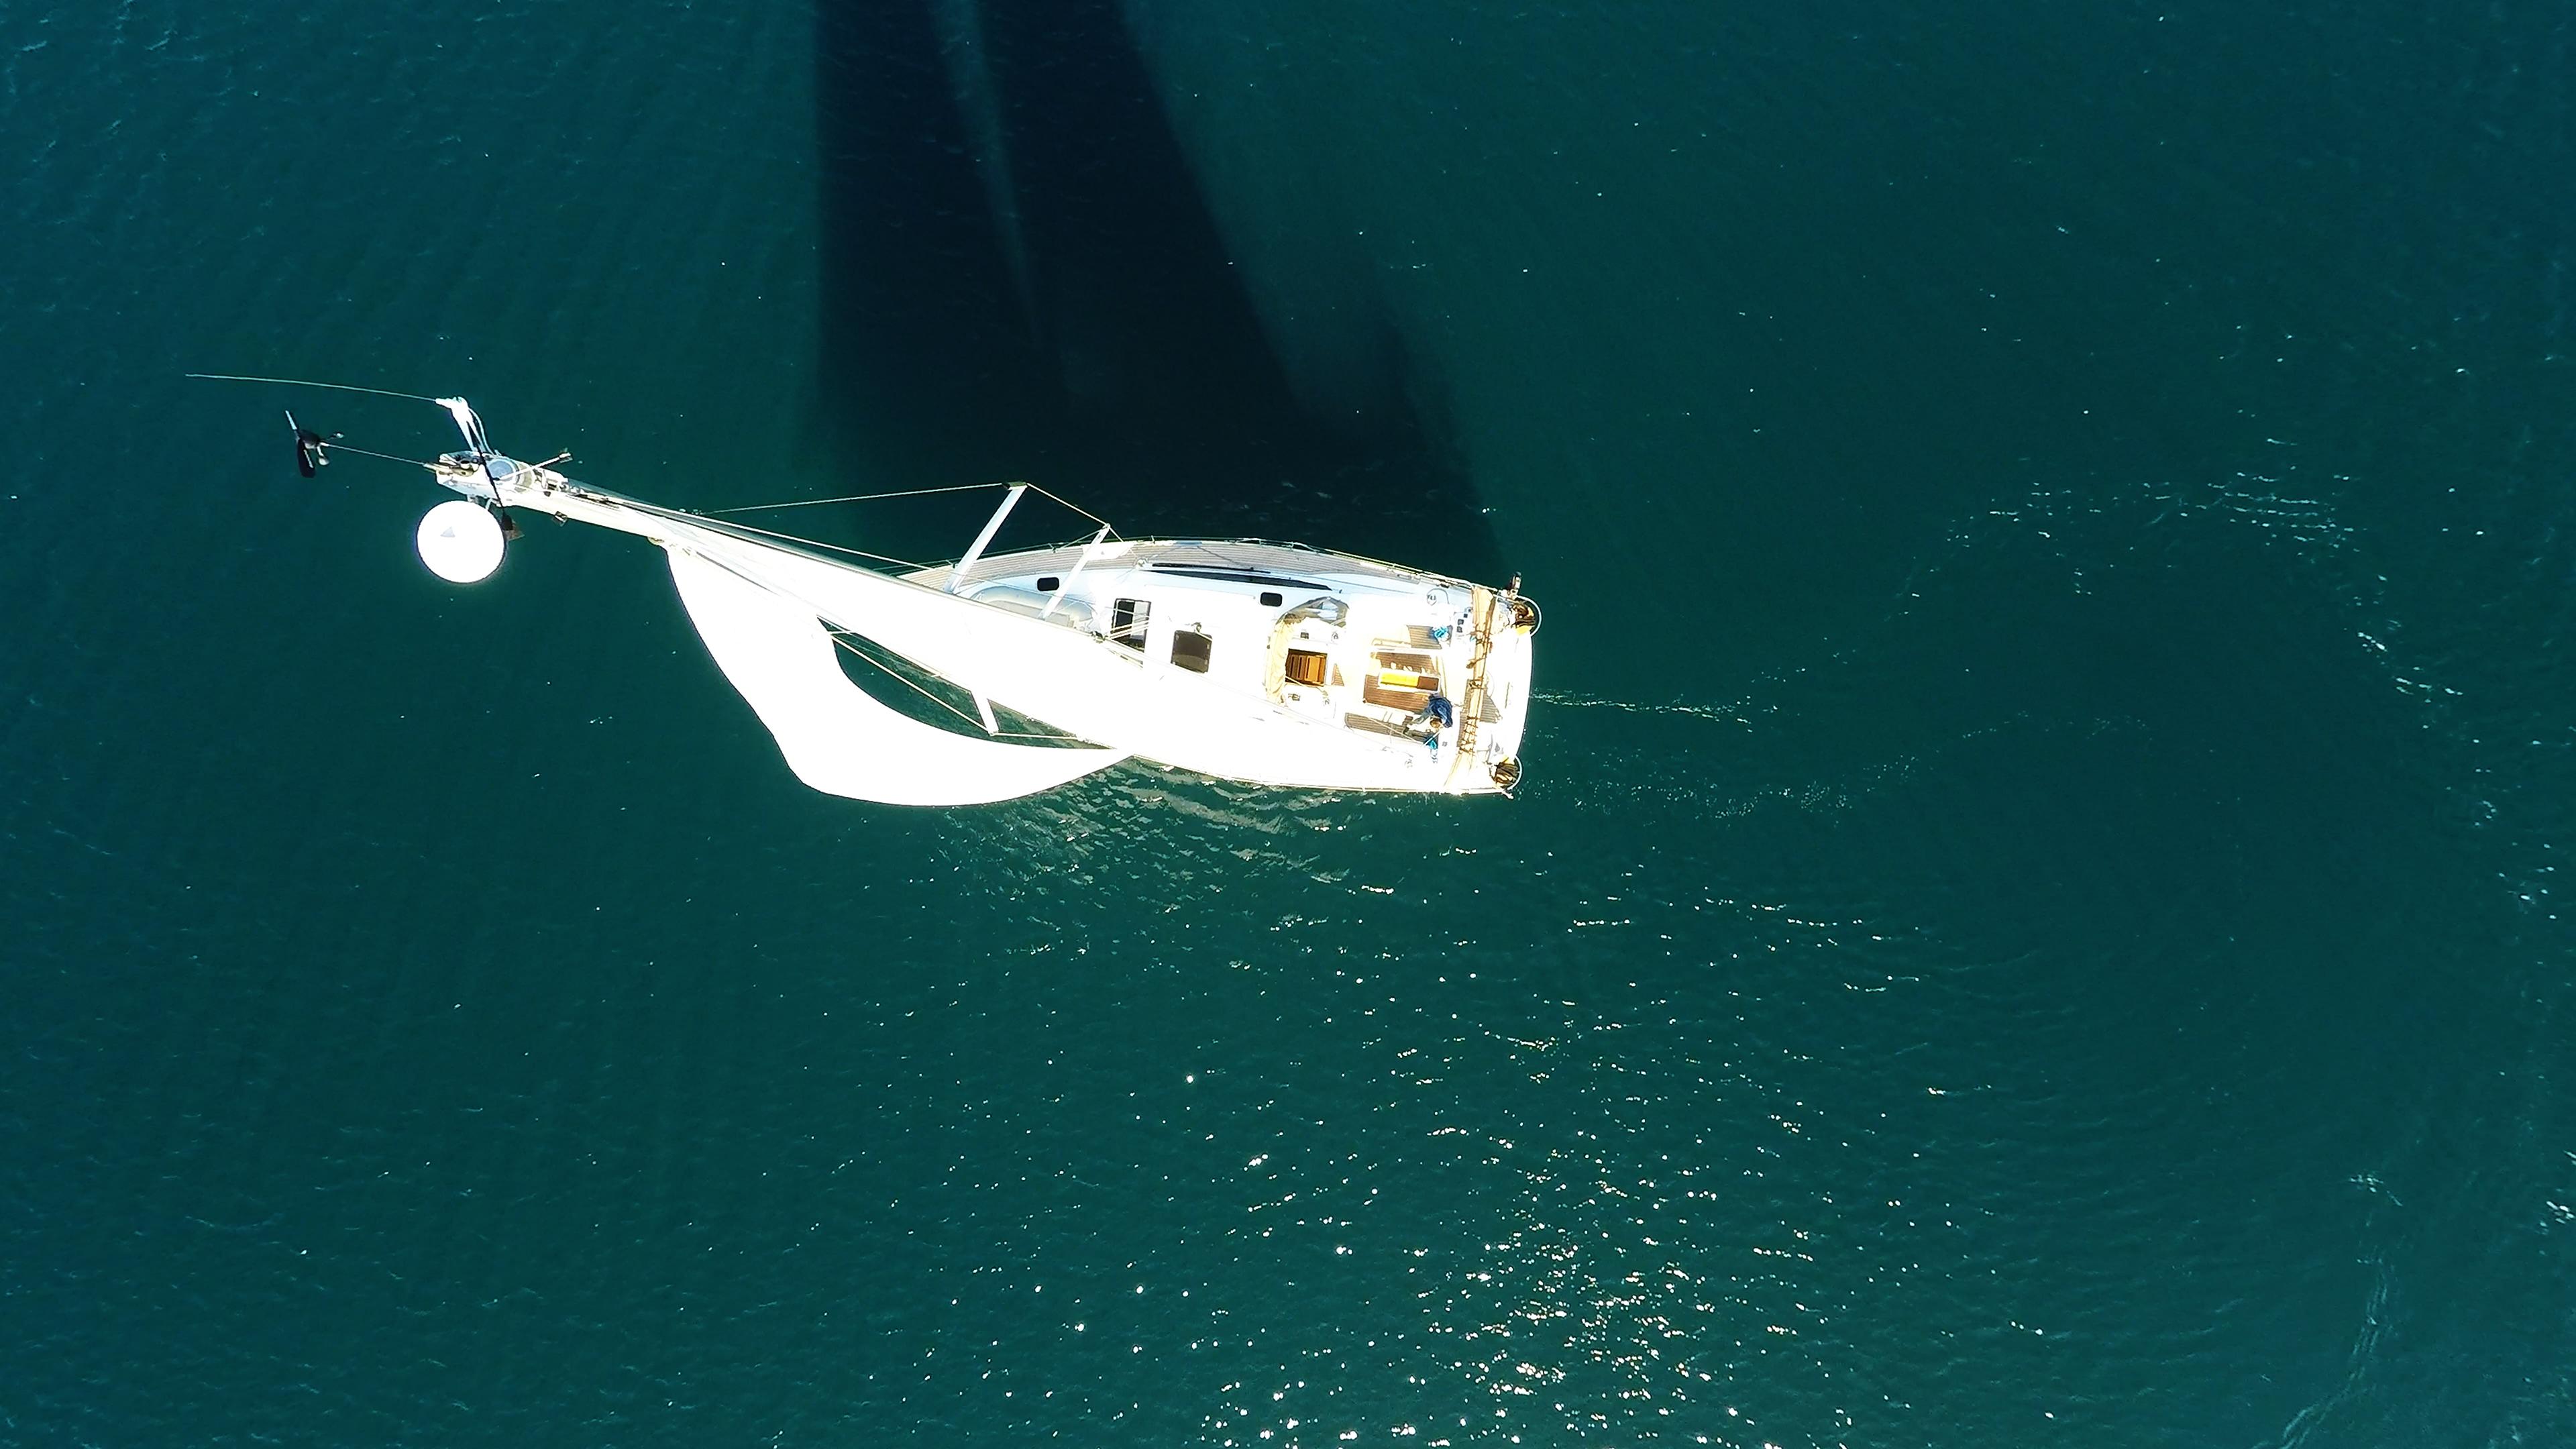 bateau à voile vue d'oimeru mât antenne voiles voile bateau à voile voilier